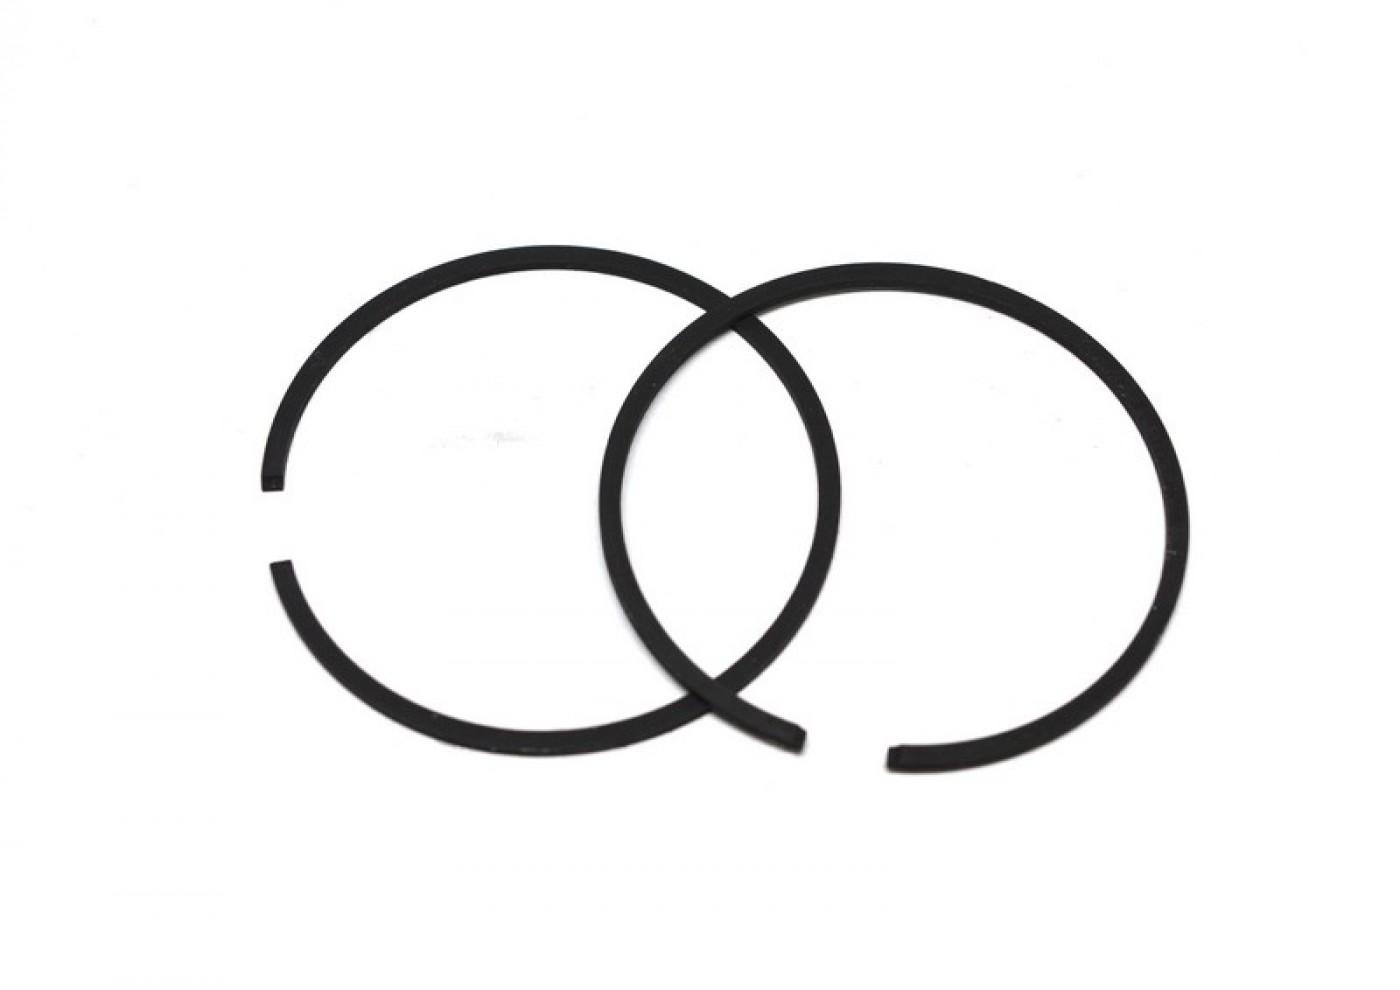 Sada pístních kroužků Stihl 54 mm x 1,2 mm